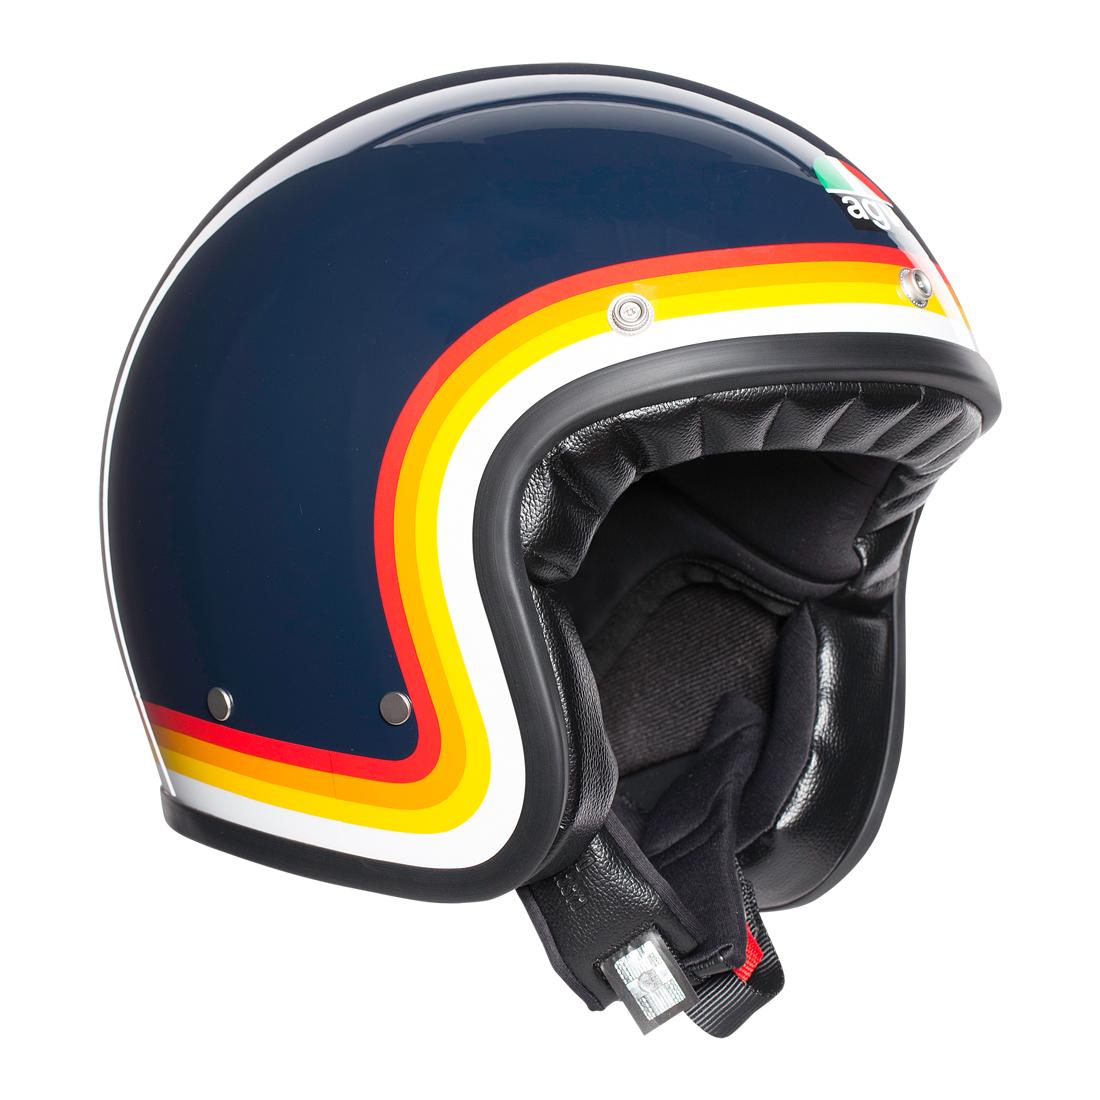 AGV(エージーブイ) バイク用ヘルメット ジェット LEGENDS X70 / RIVIERA BLUE/RAINBOW (リヴィエラ ブルー/レインボー) Lサイズ (59-60cm) 002192I0009-L